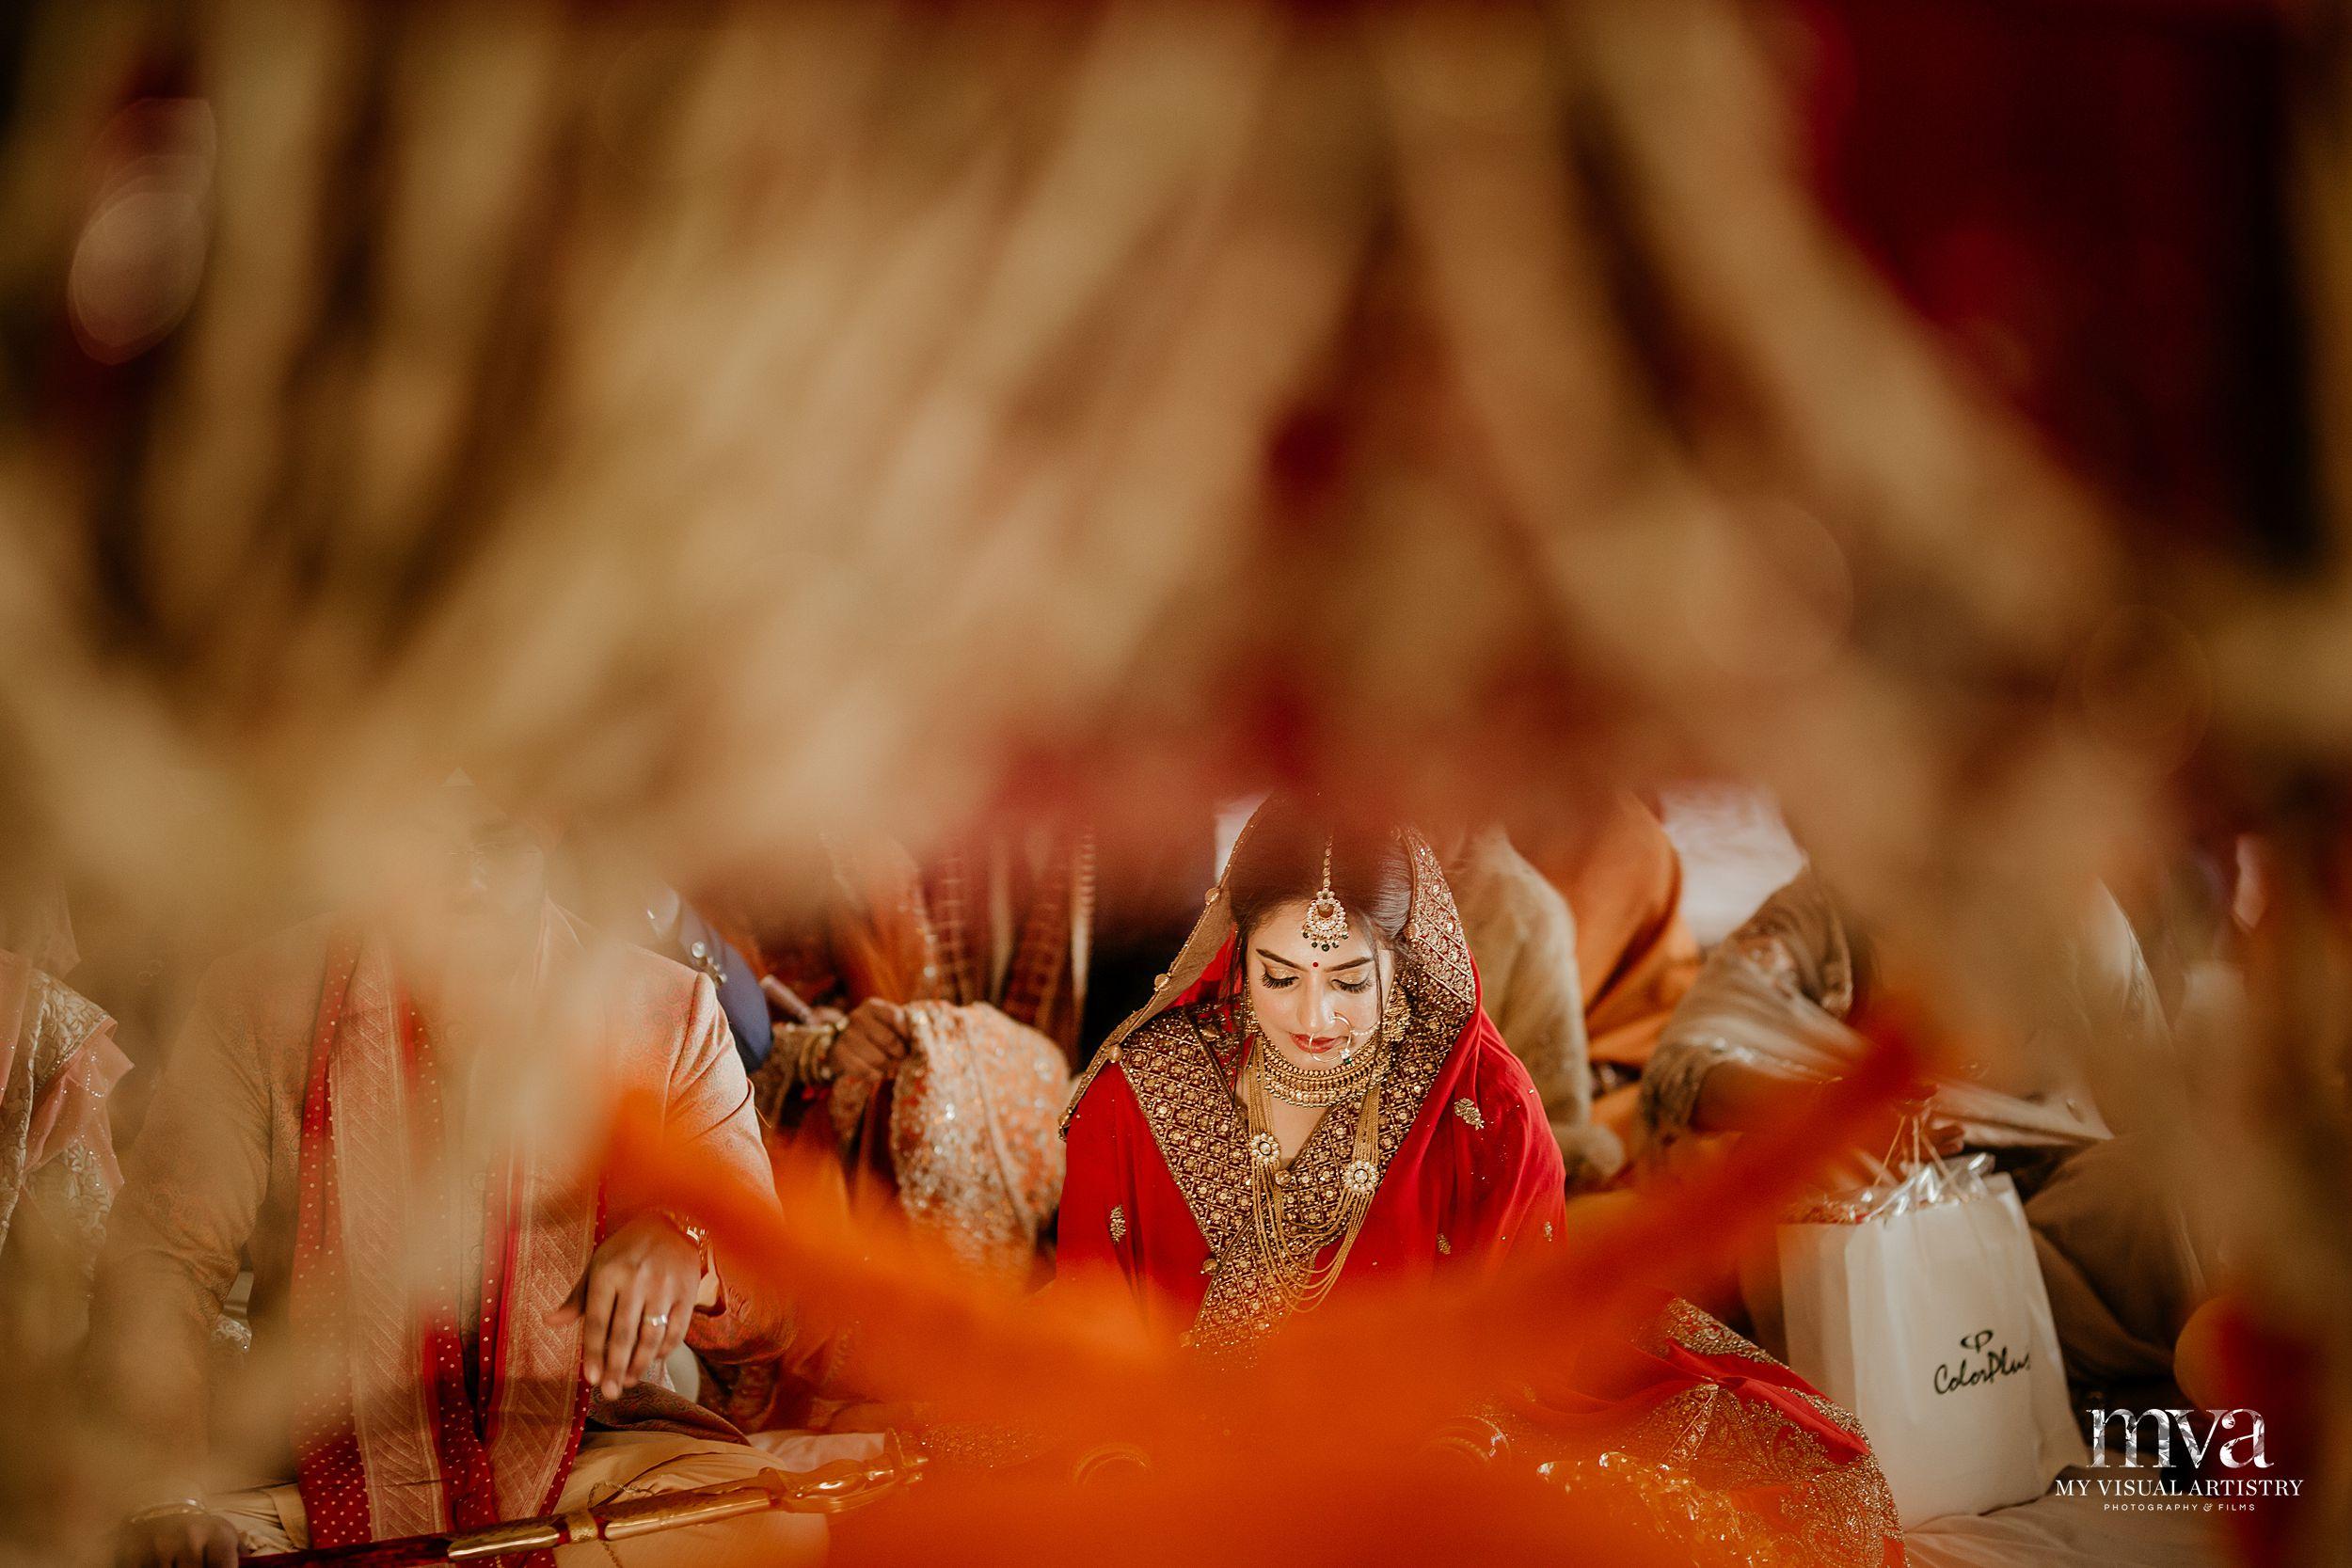 anant_arundhati_myvisualartistry_mva_wedding_sikh_ - 331.jpg